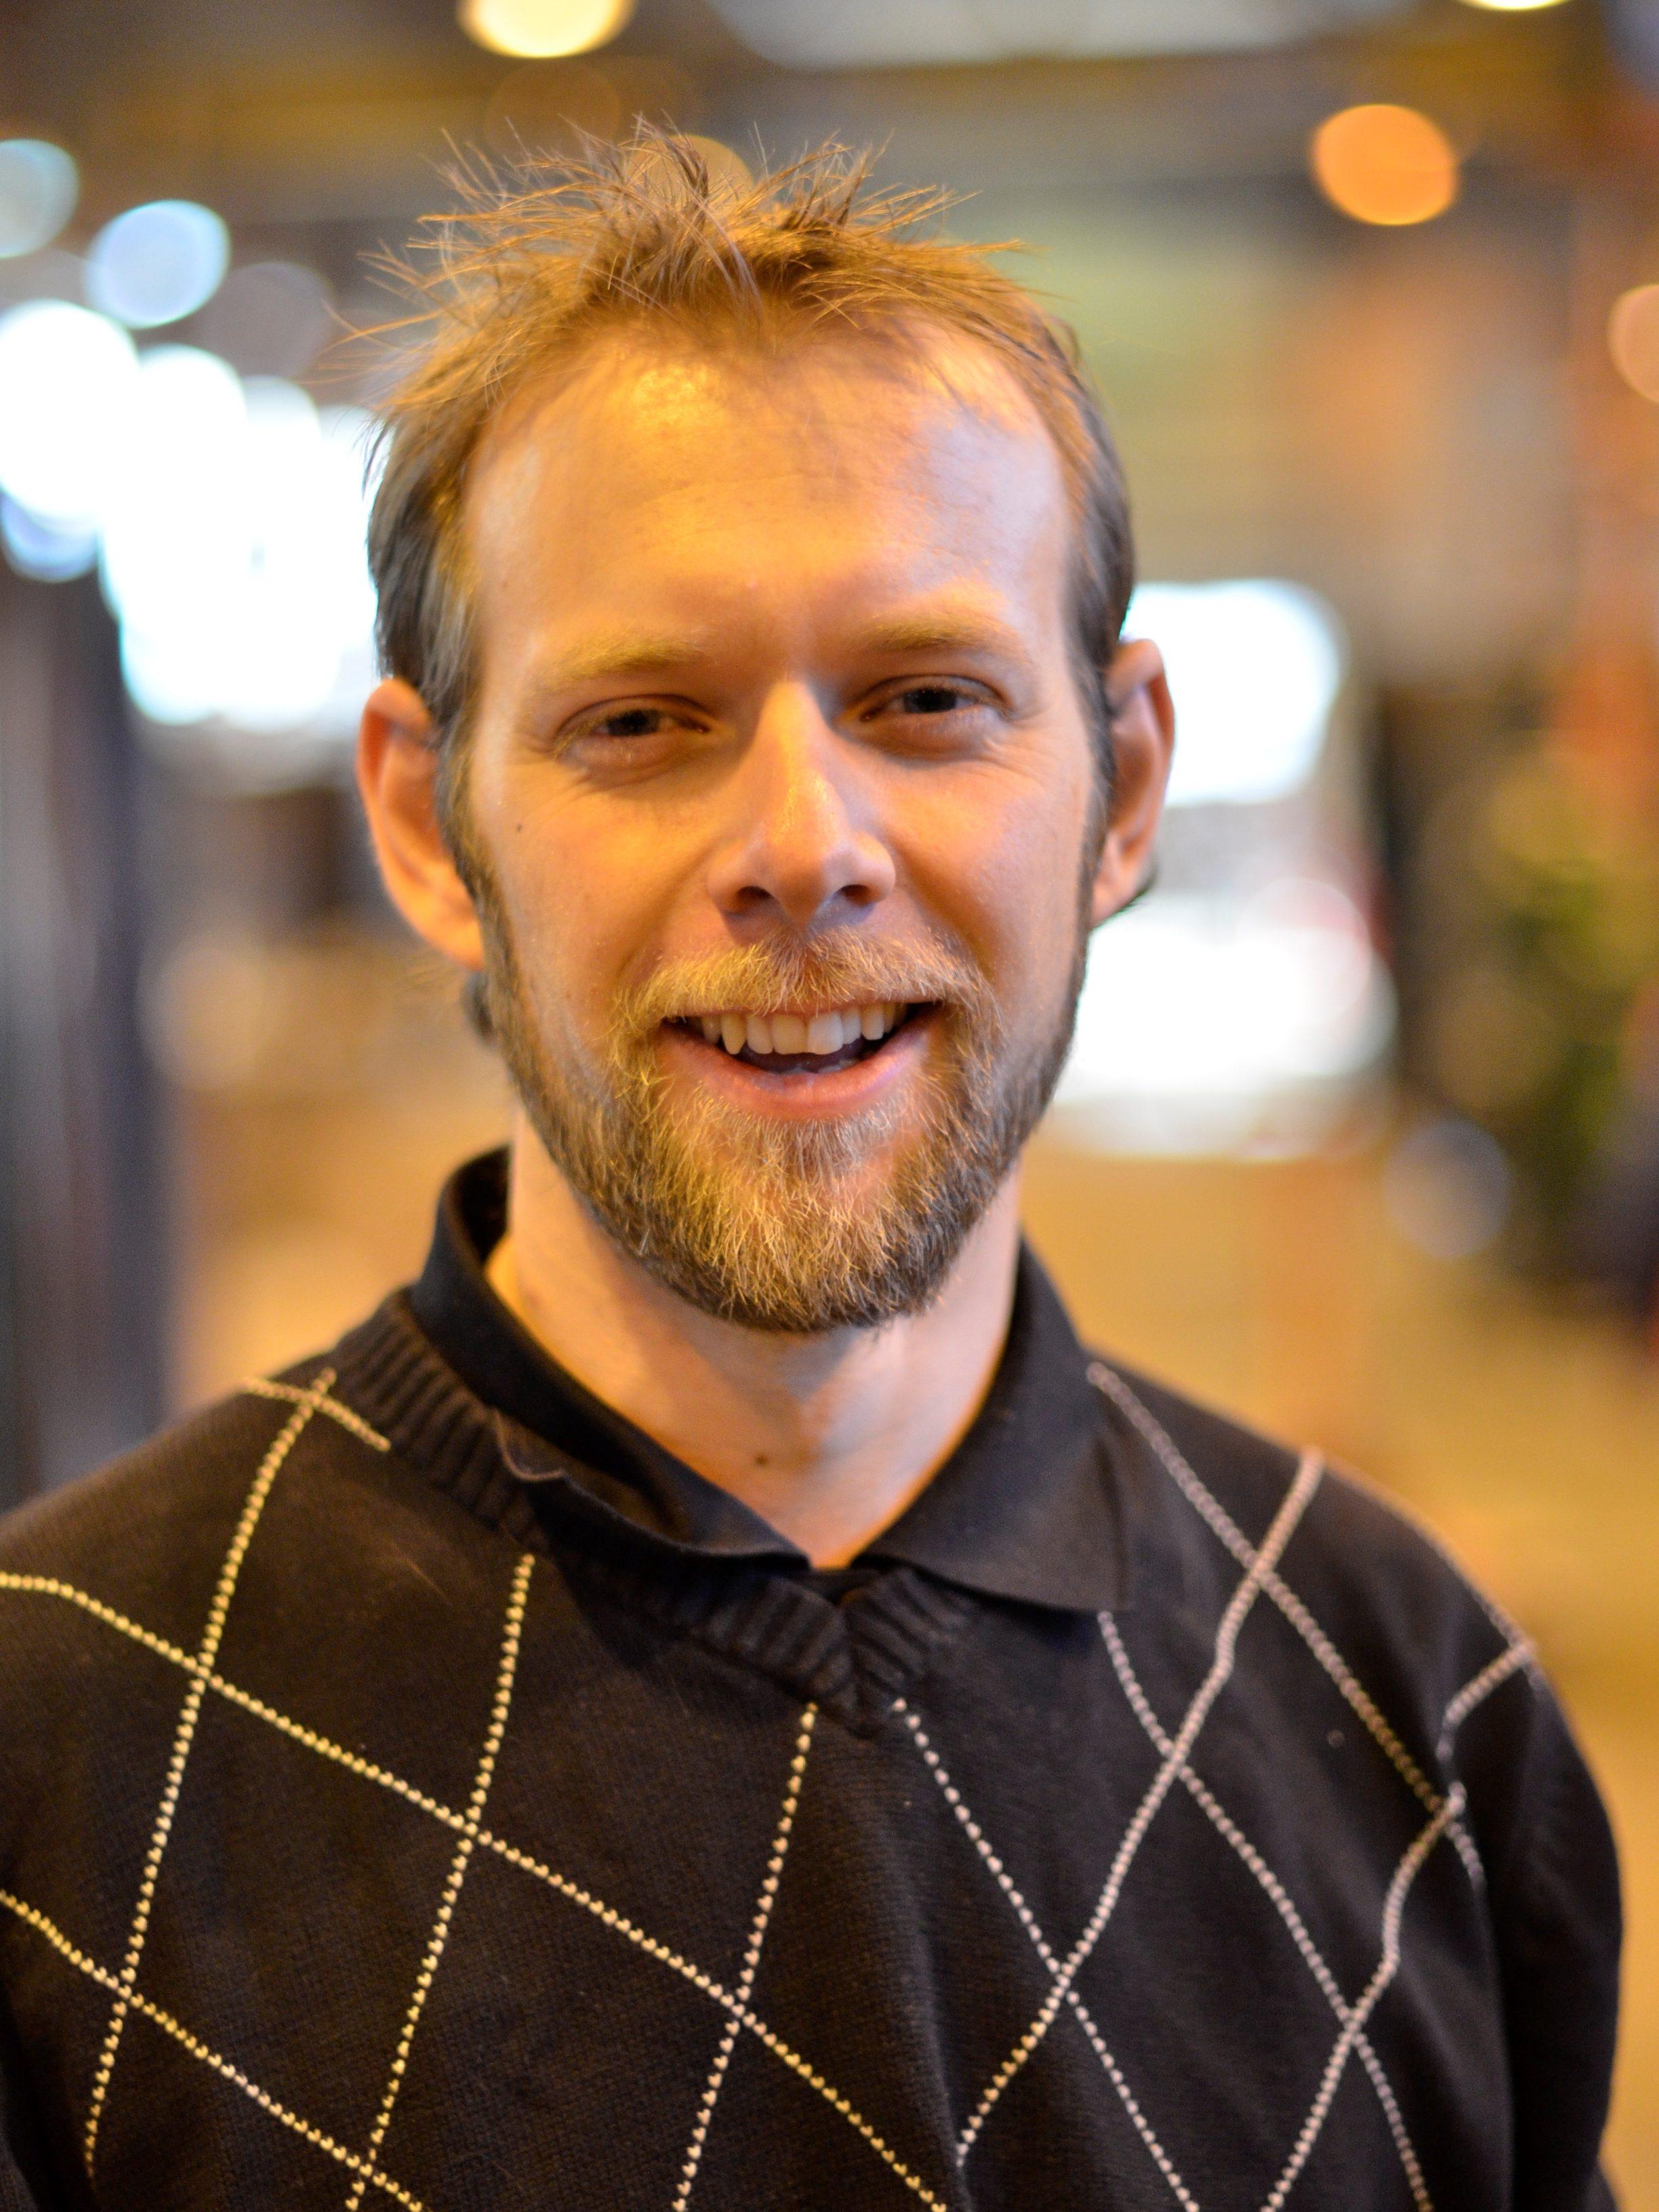 Arild-Andrè Syverstad : Ingeniør, DAK, prosjekter